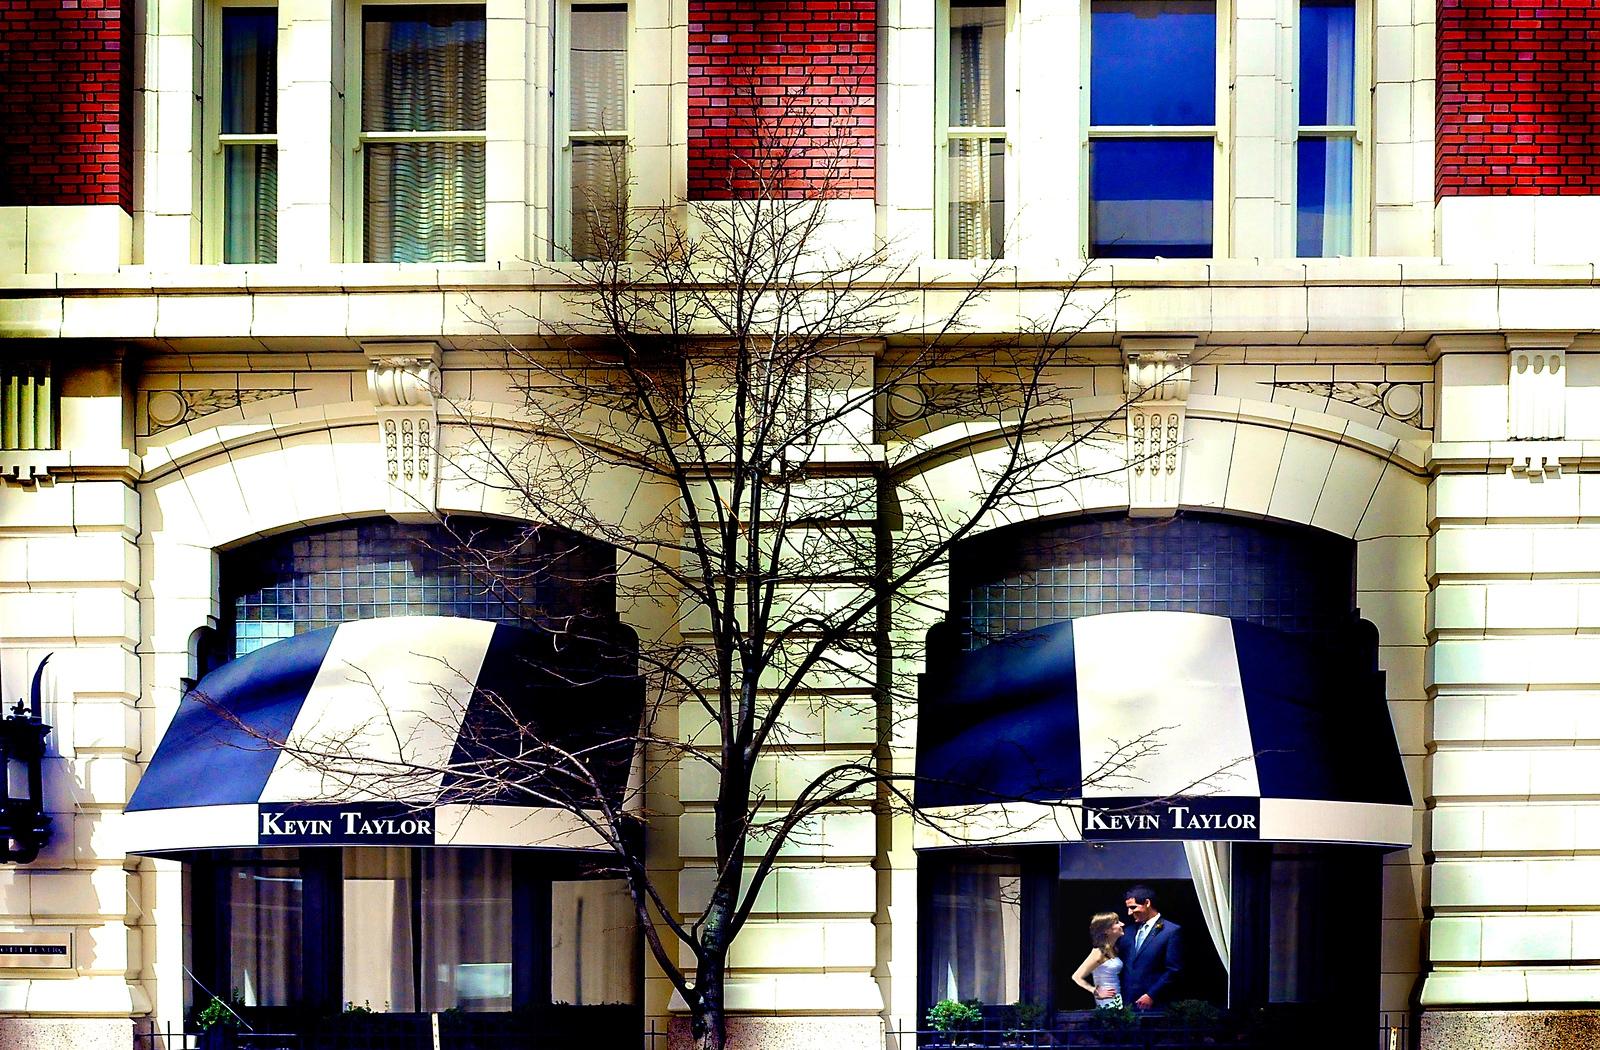 Hotel Teatro Denver Colorado Wedding